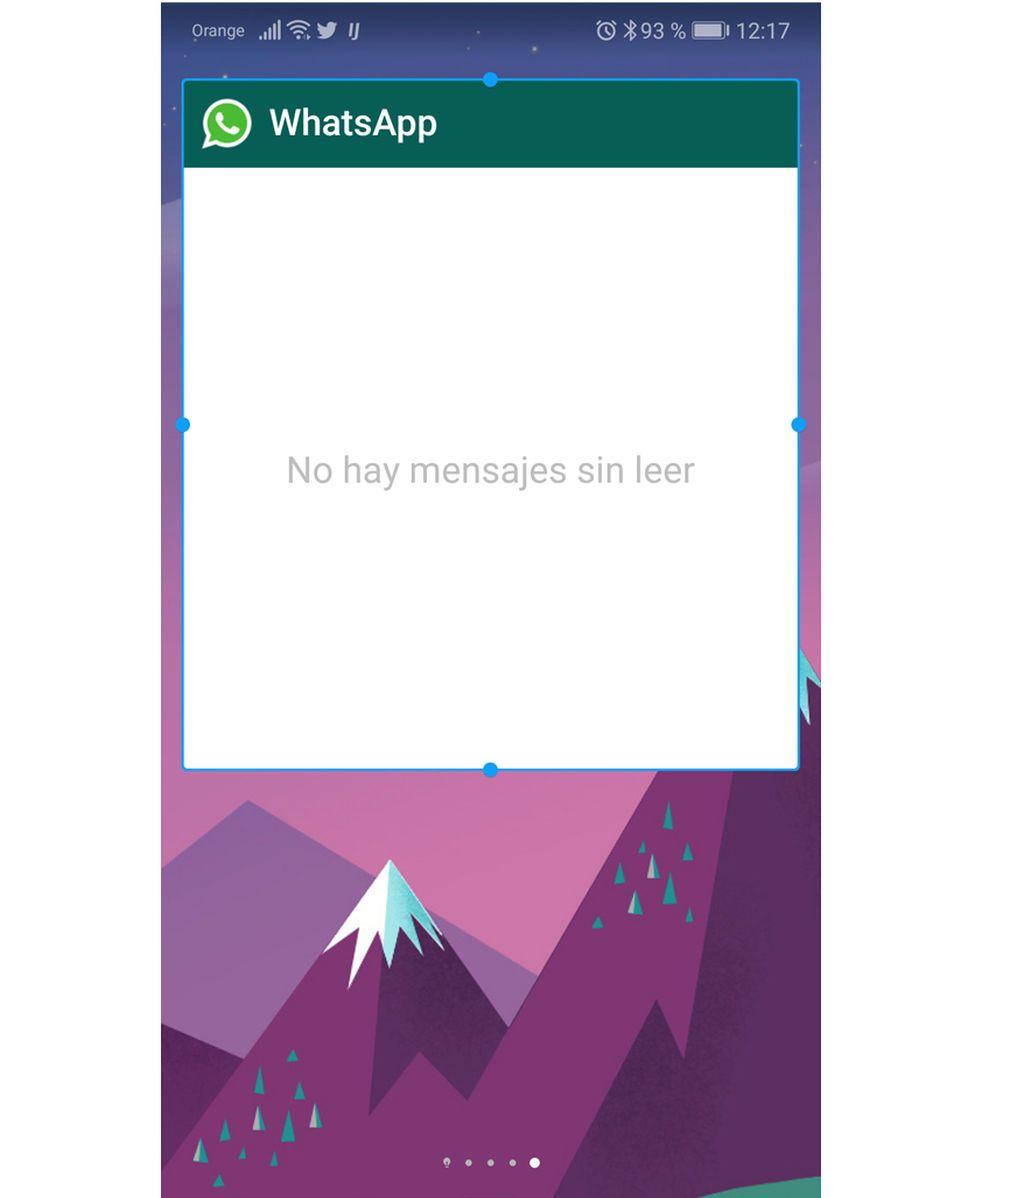 El widget de WhatsApp instalado en el móvil